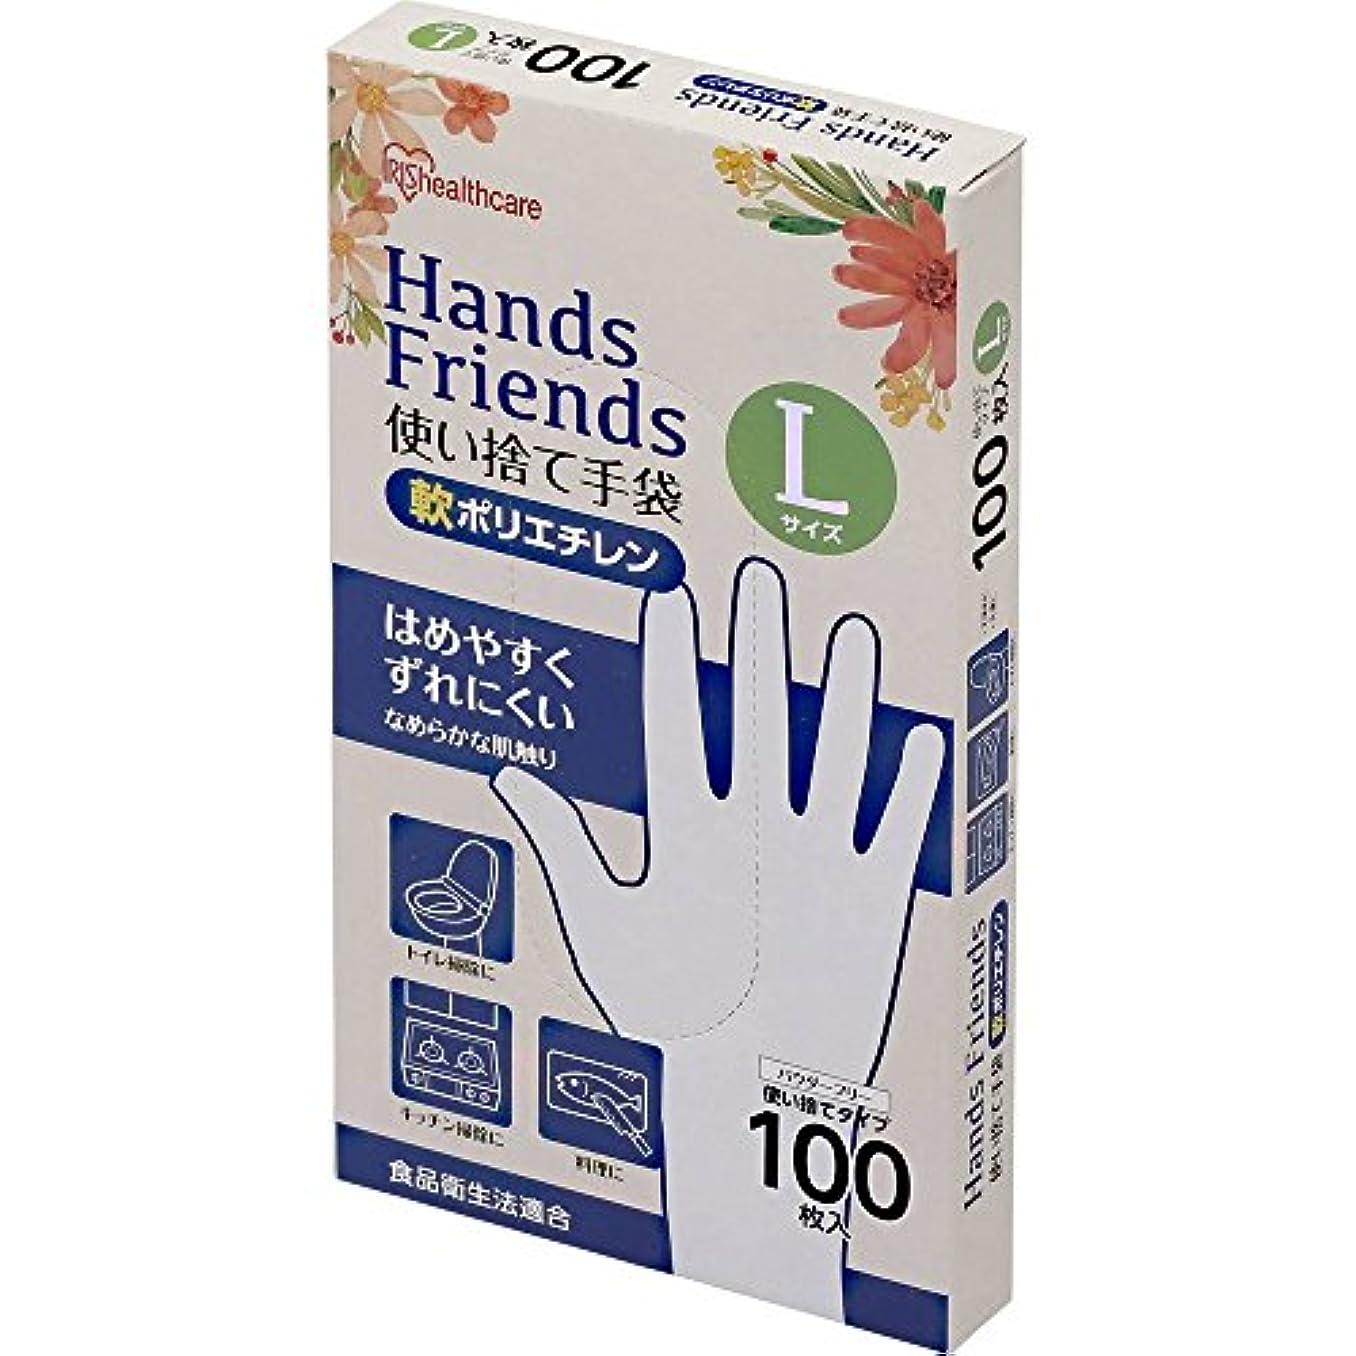 イースター混乱させるミリメートル使い捨て手袋 軟ポリエチレン手袋 Lサイズ 粉なし パウダーフリー クリア 100枚入